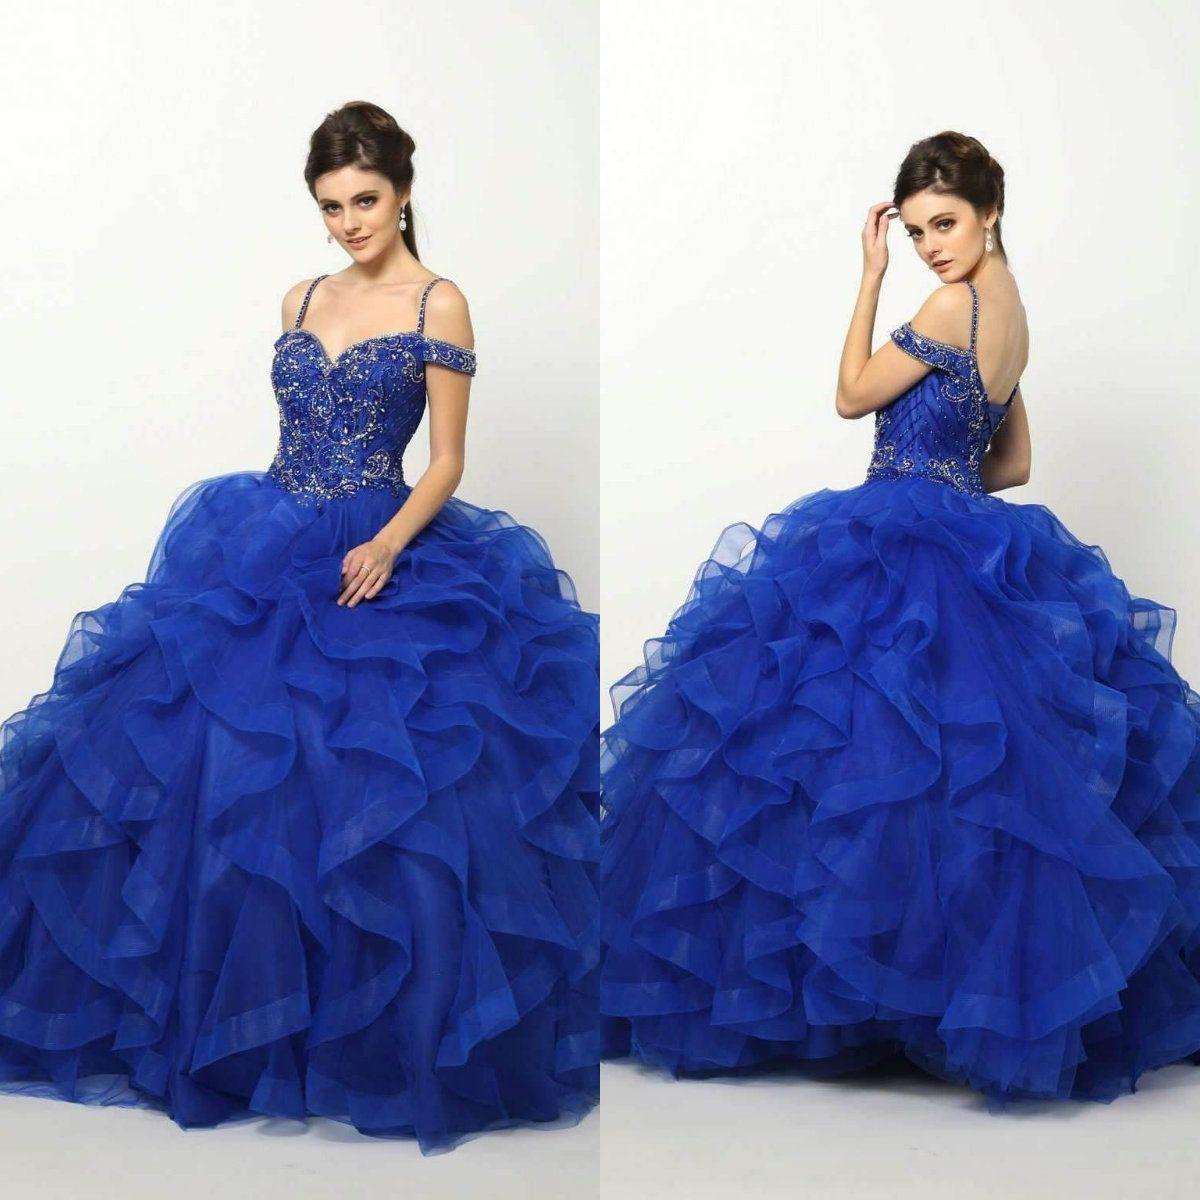 Royal Blue Beaded Prom Dresses Sin mangas Lujo Quinceañera Sweet 16 Masquerad Vestidos de fiesta Corsé Vestido de fiesta Vestido de noche Fuera del hombro